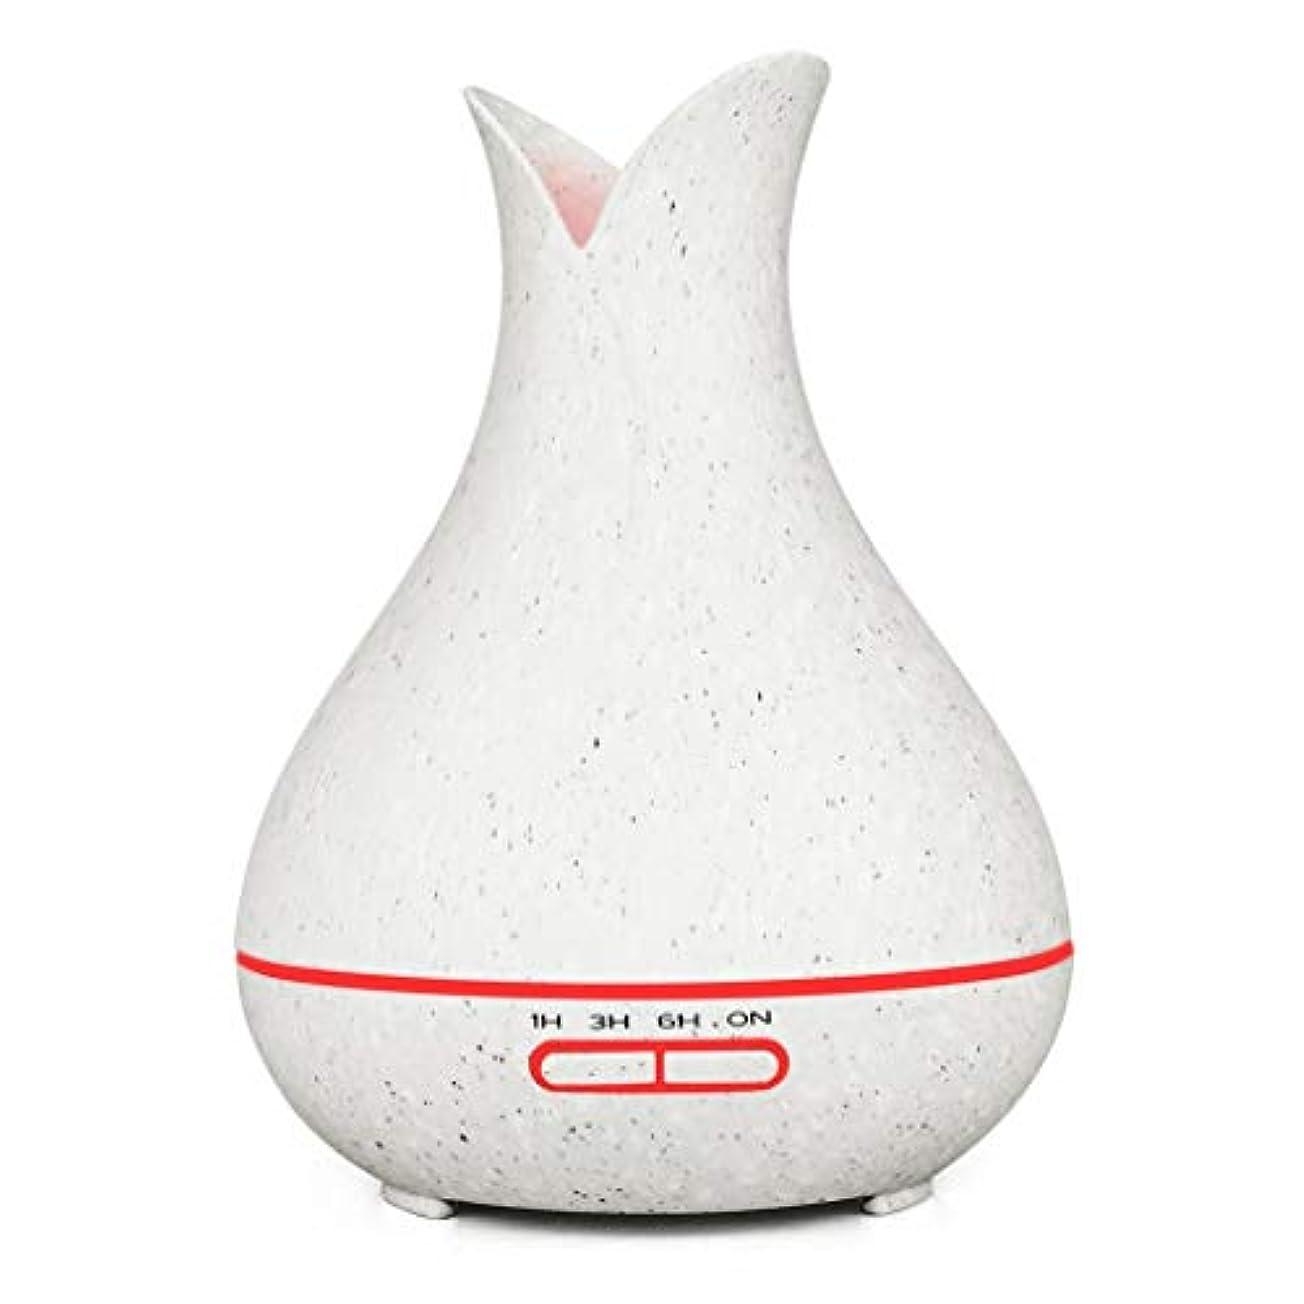 氷礼拝司法ウッドグレインディフューザー400ミリリットルプレミアム超音波加湿器で素晴らしいledライトディフューザー用ホームヨガオフィススパ寝室ベビールーム (Color : 2)